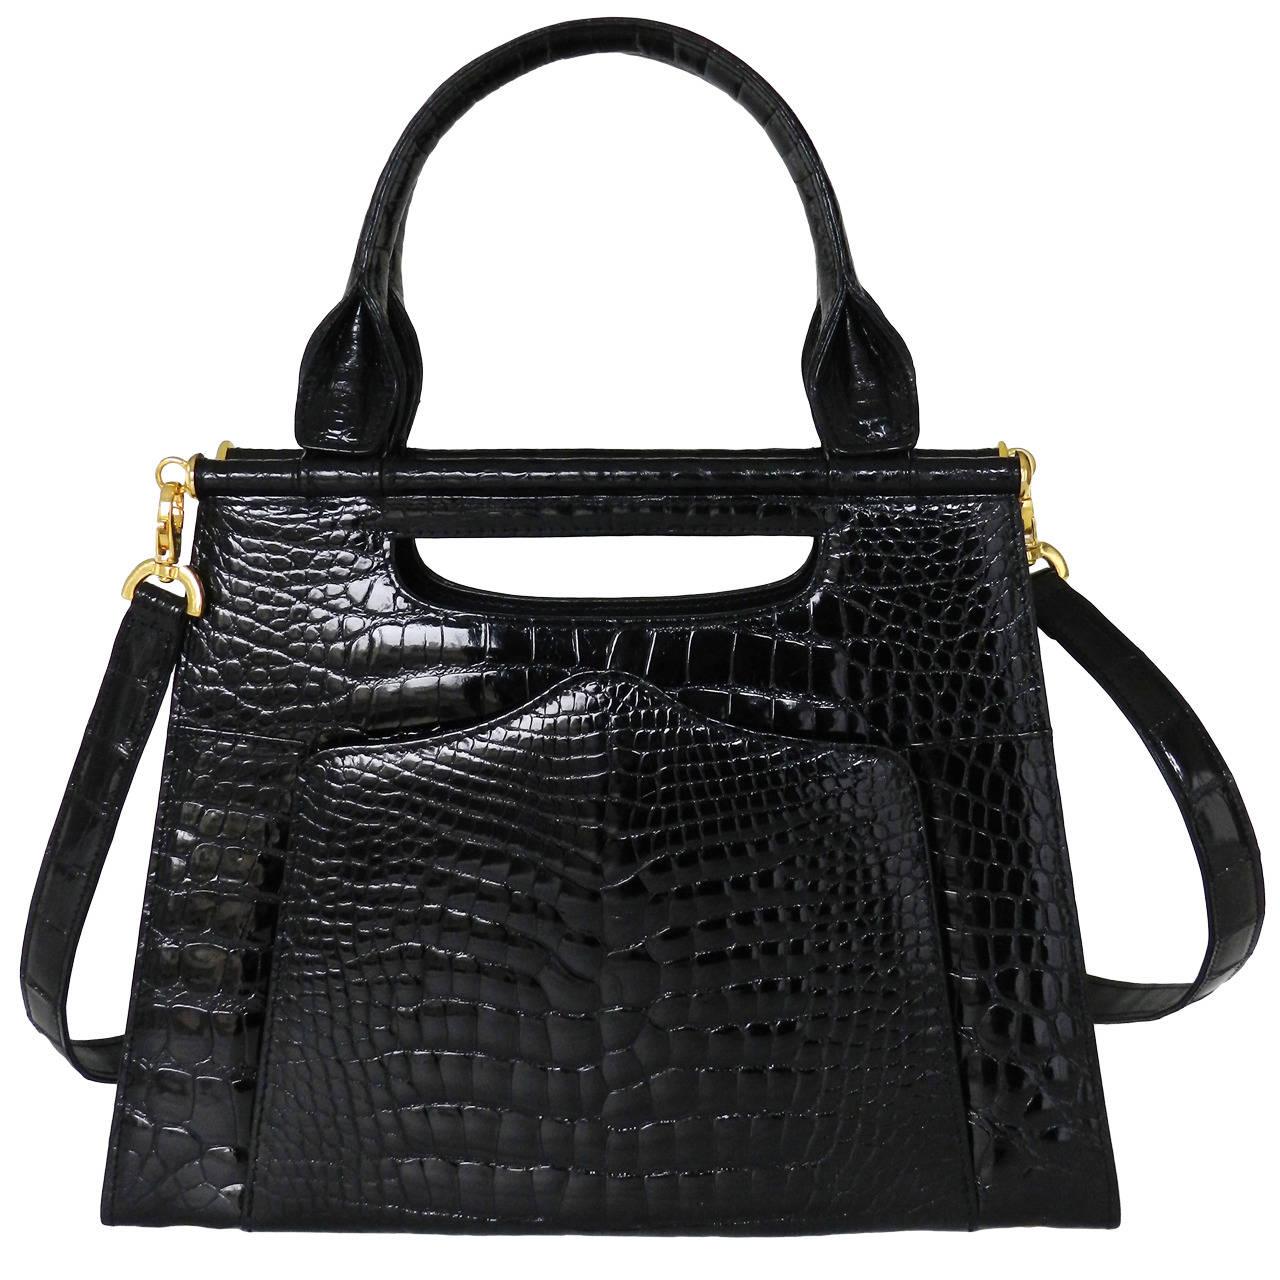 Lana Marks The Good Croc 3 In 1 Alligator Bag